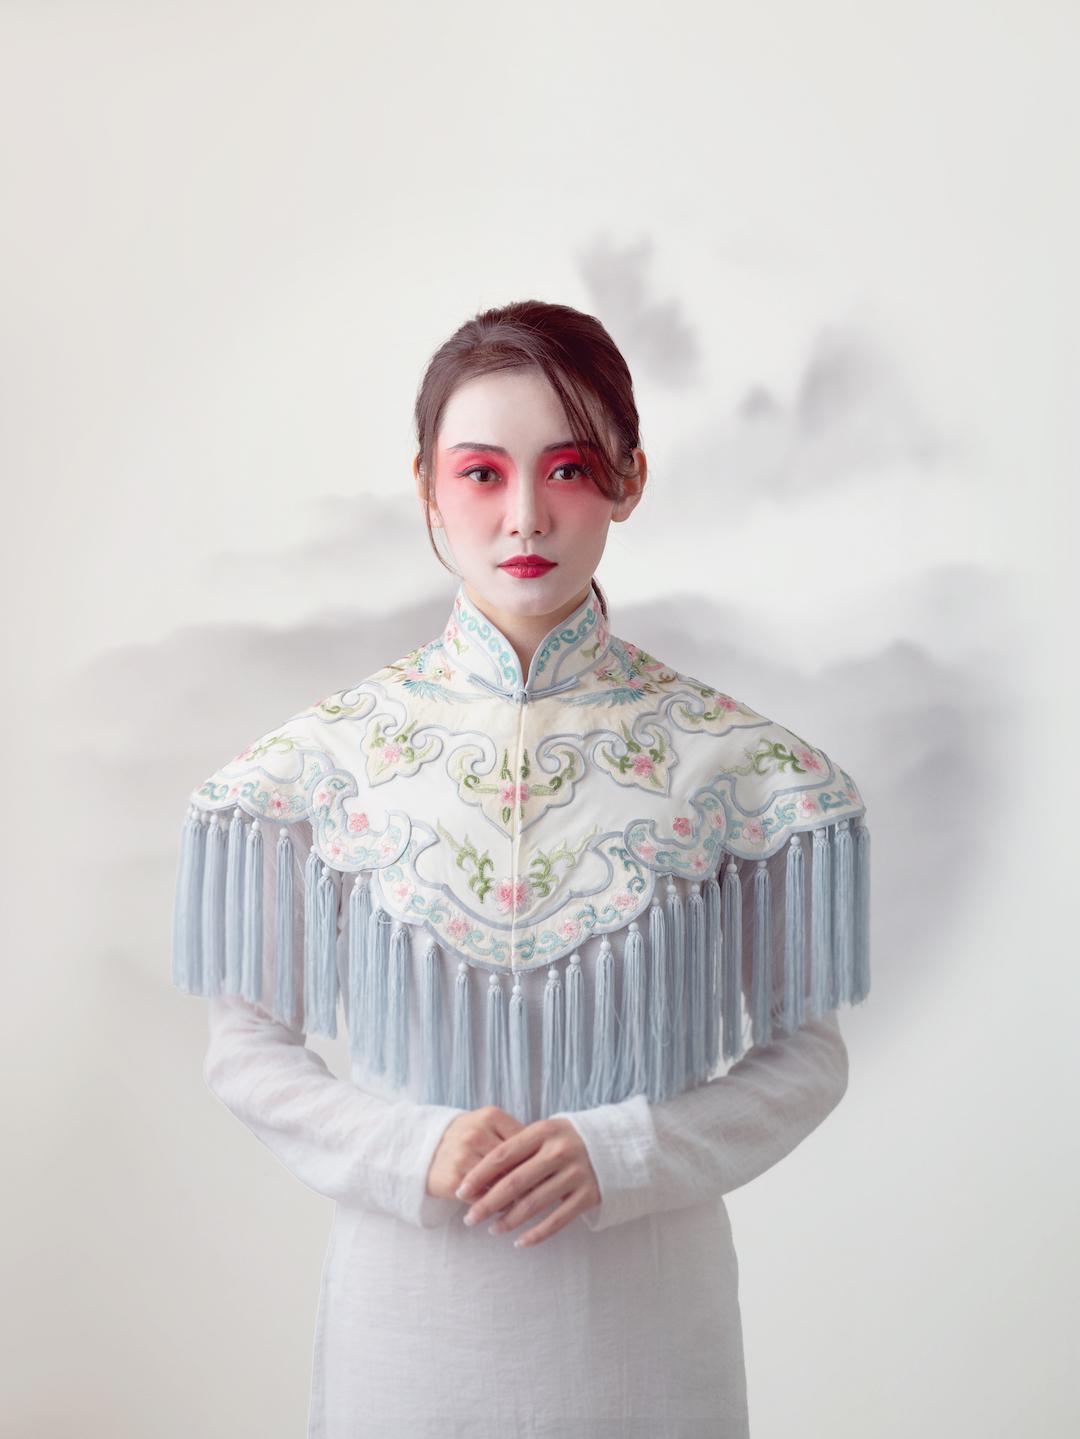 《紫玉成煙》將於9月24至26日假香港文化中心劇場演出。